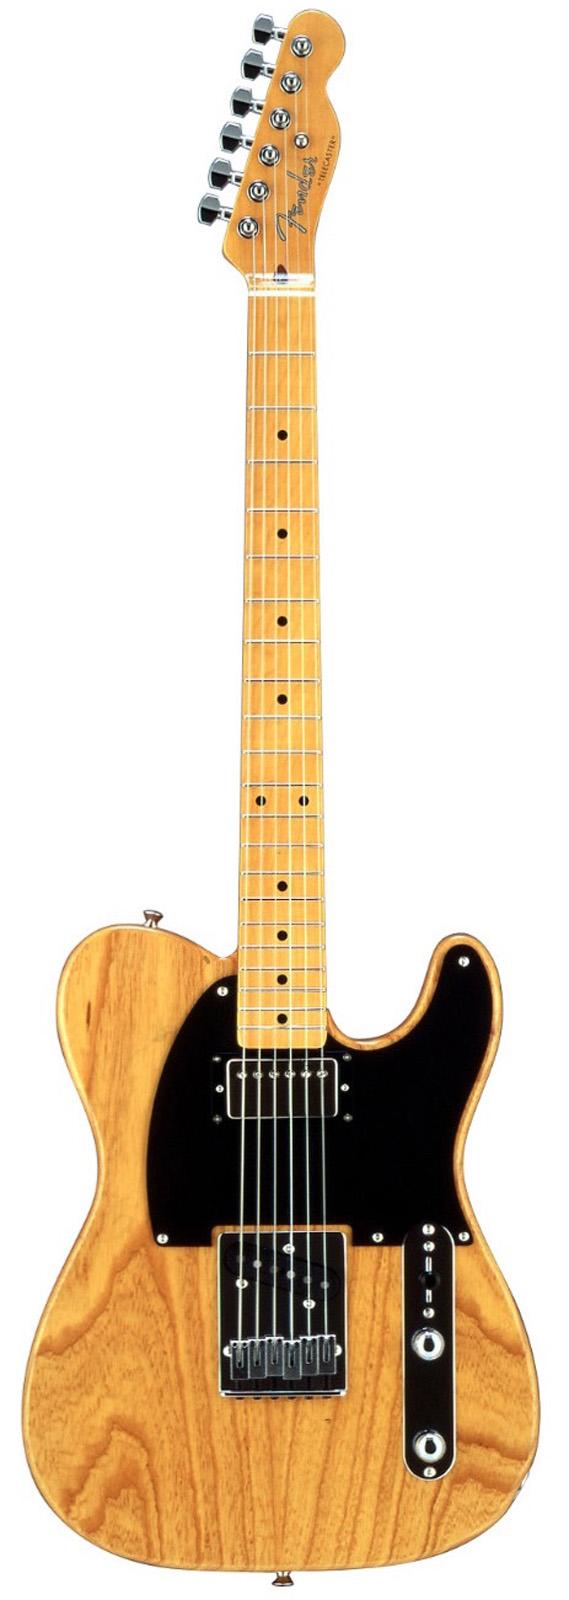 Fender Japan 52 Telecaster Special Vintage Natural